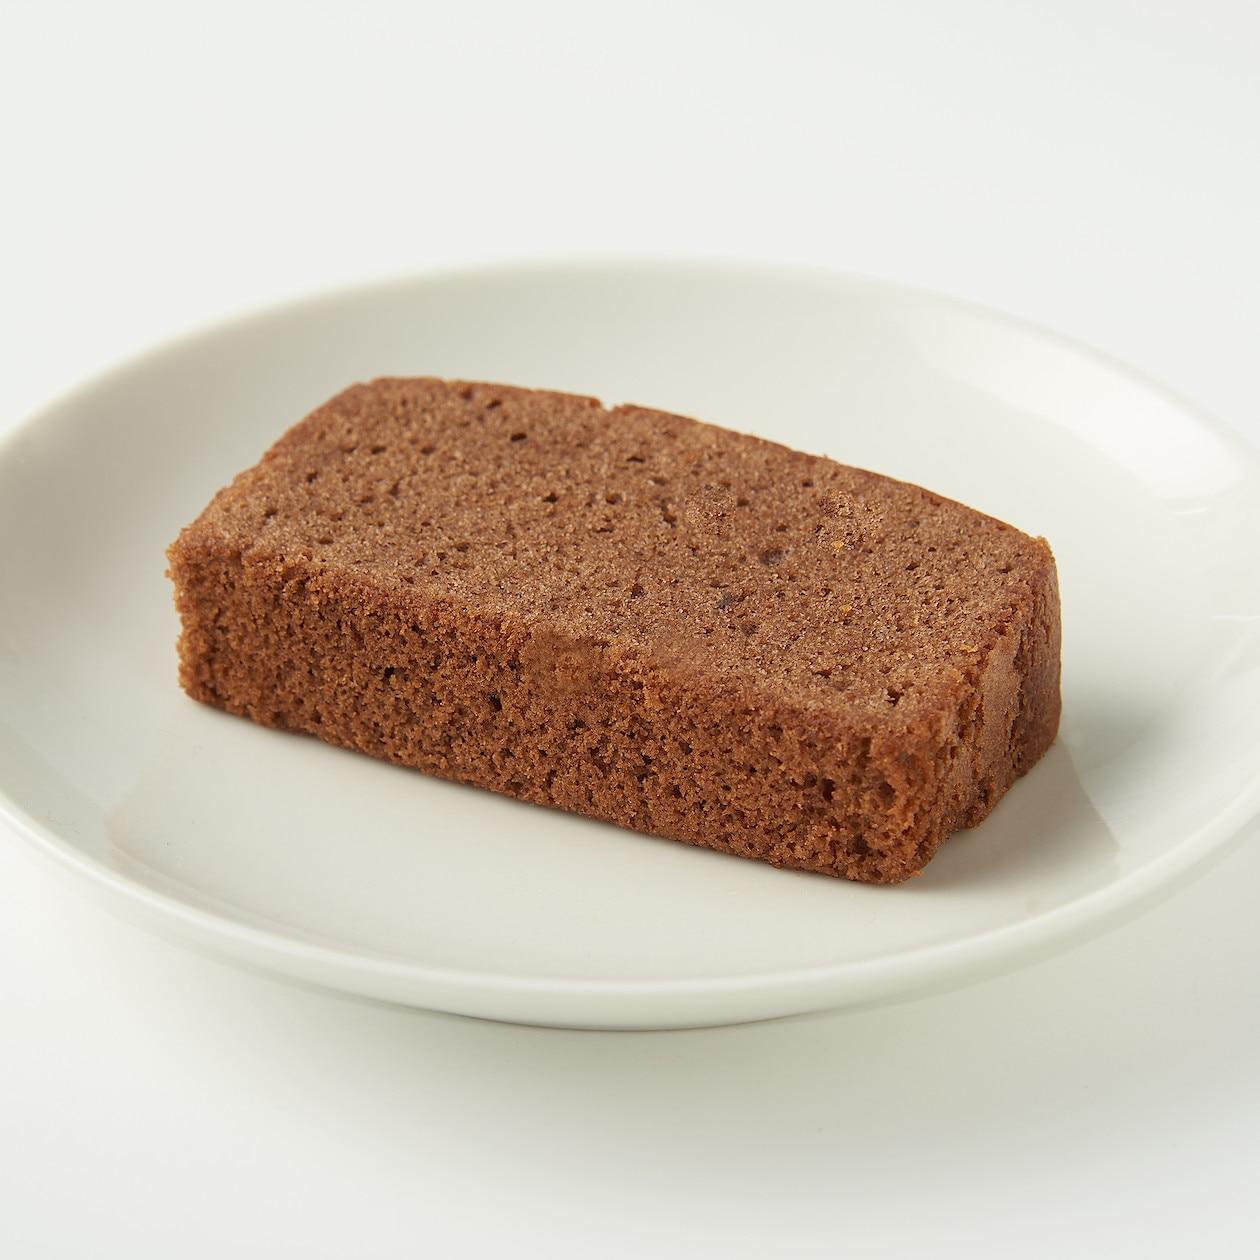 糖質10g以下のお菓子 ショコラパウンドケーキ